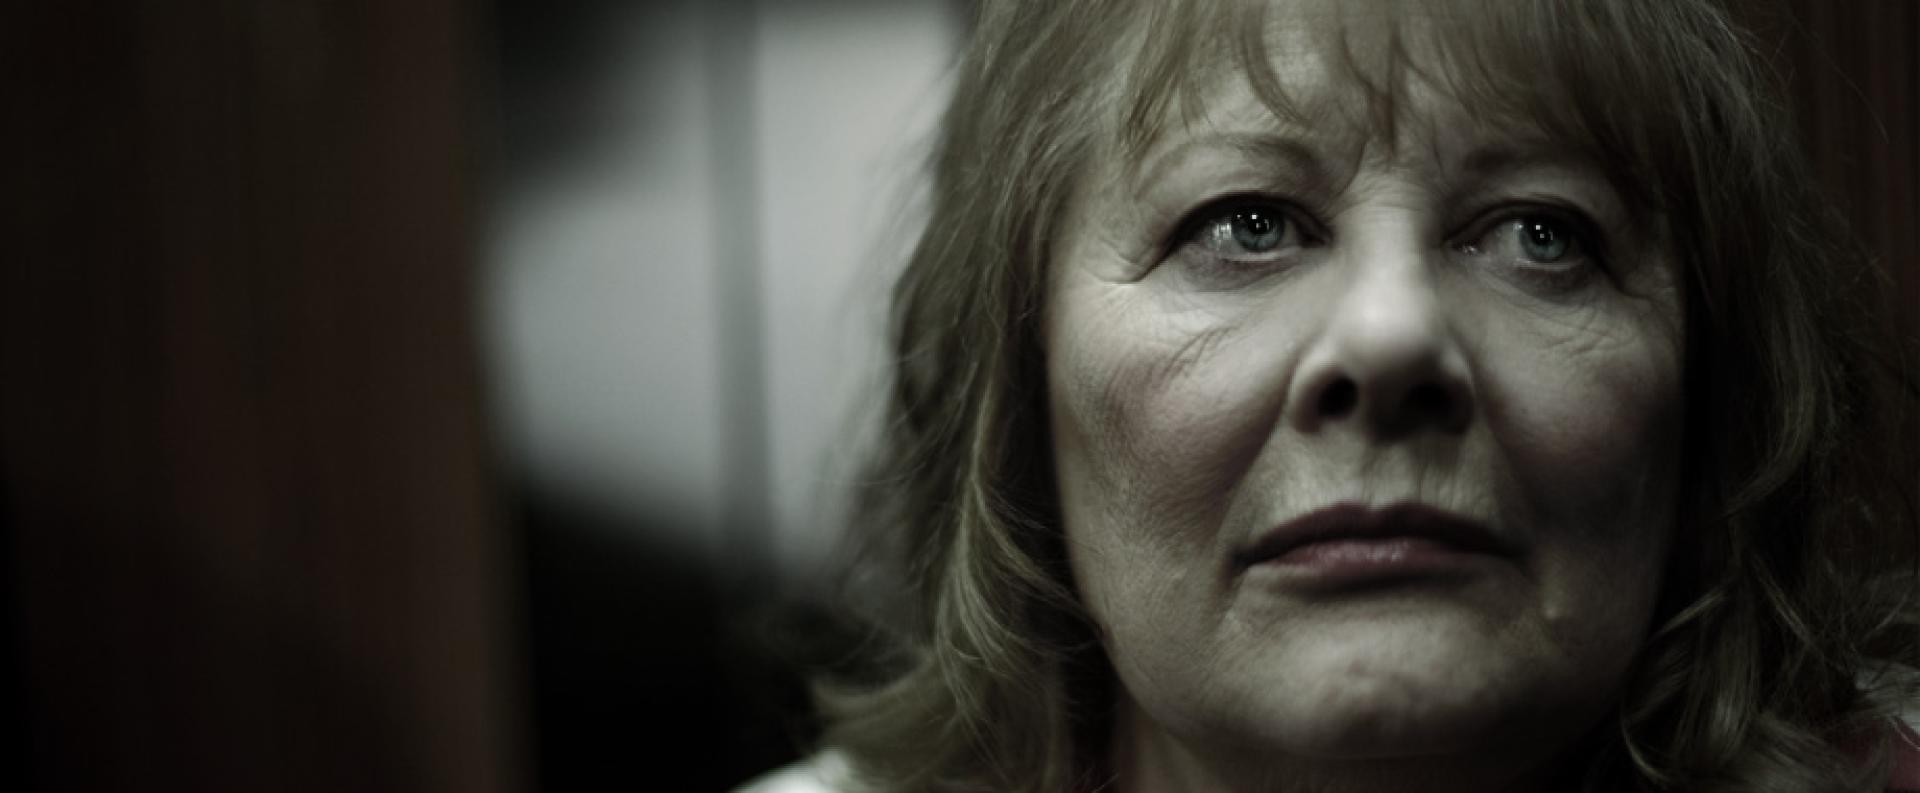 Mercy (2014) 2. kép